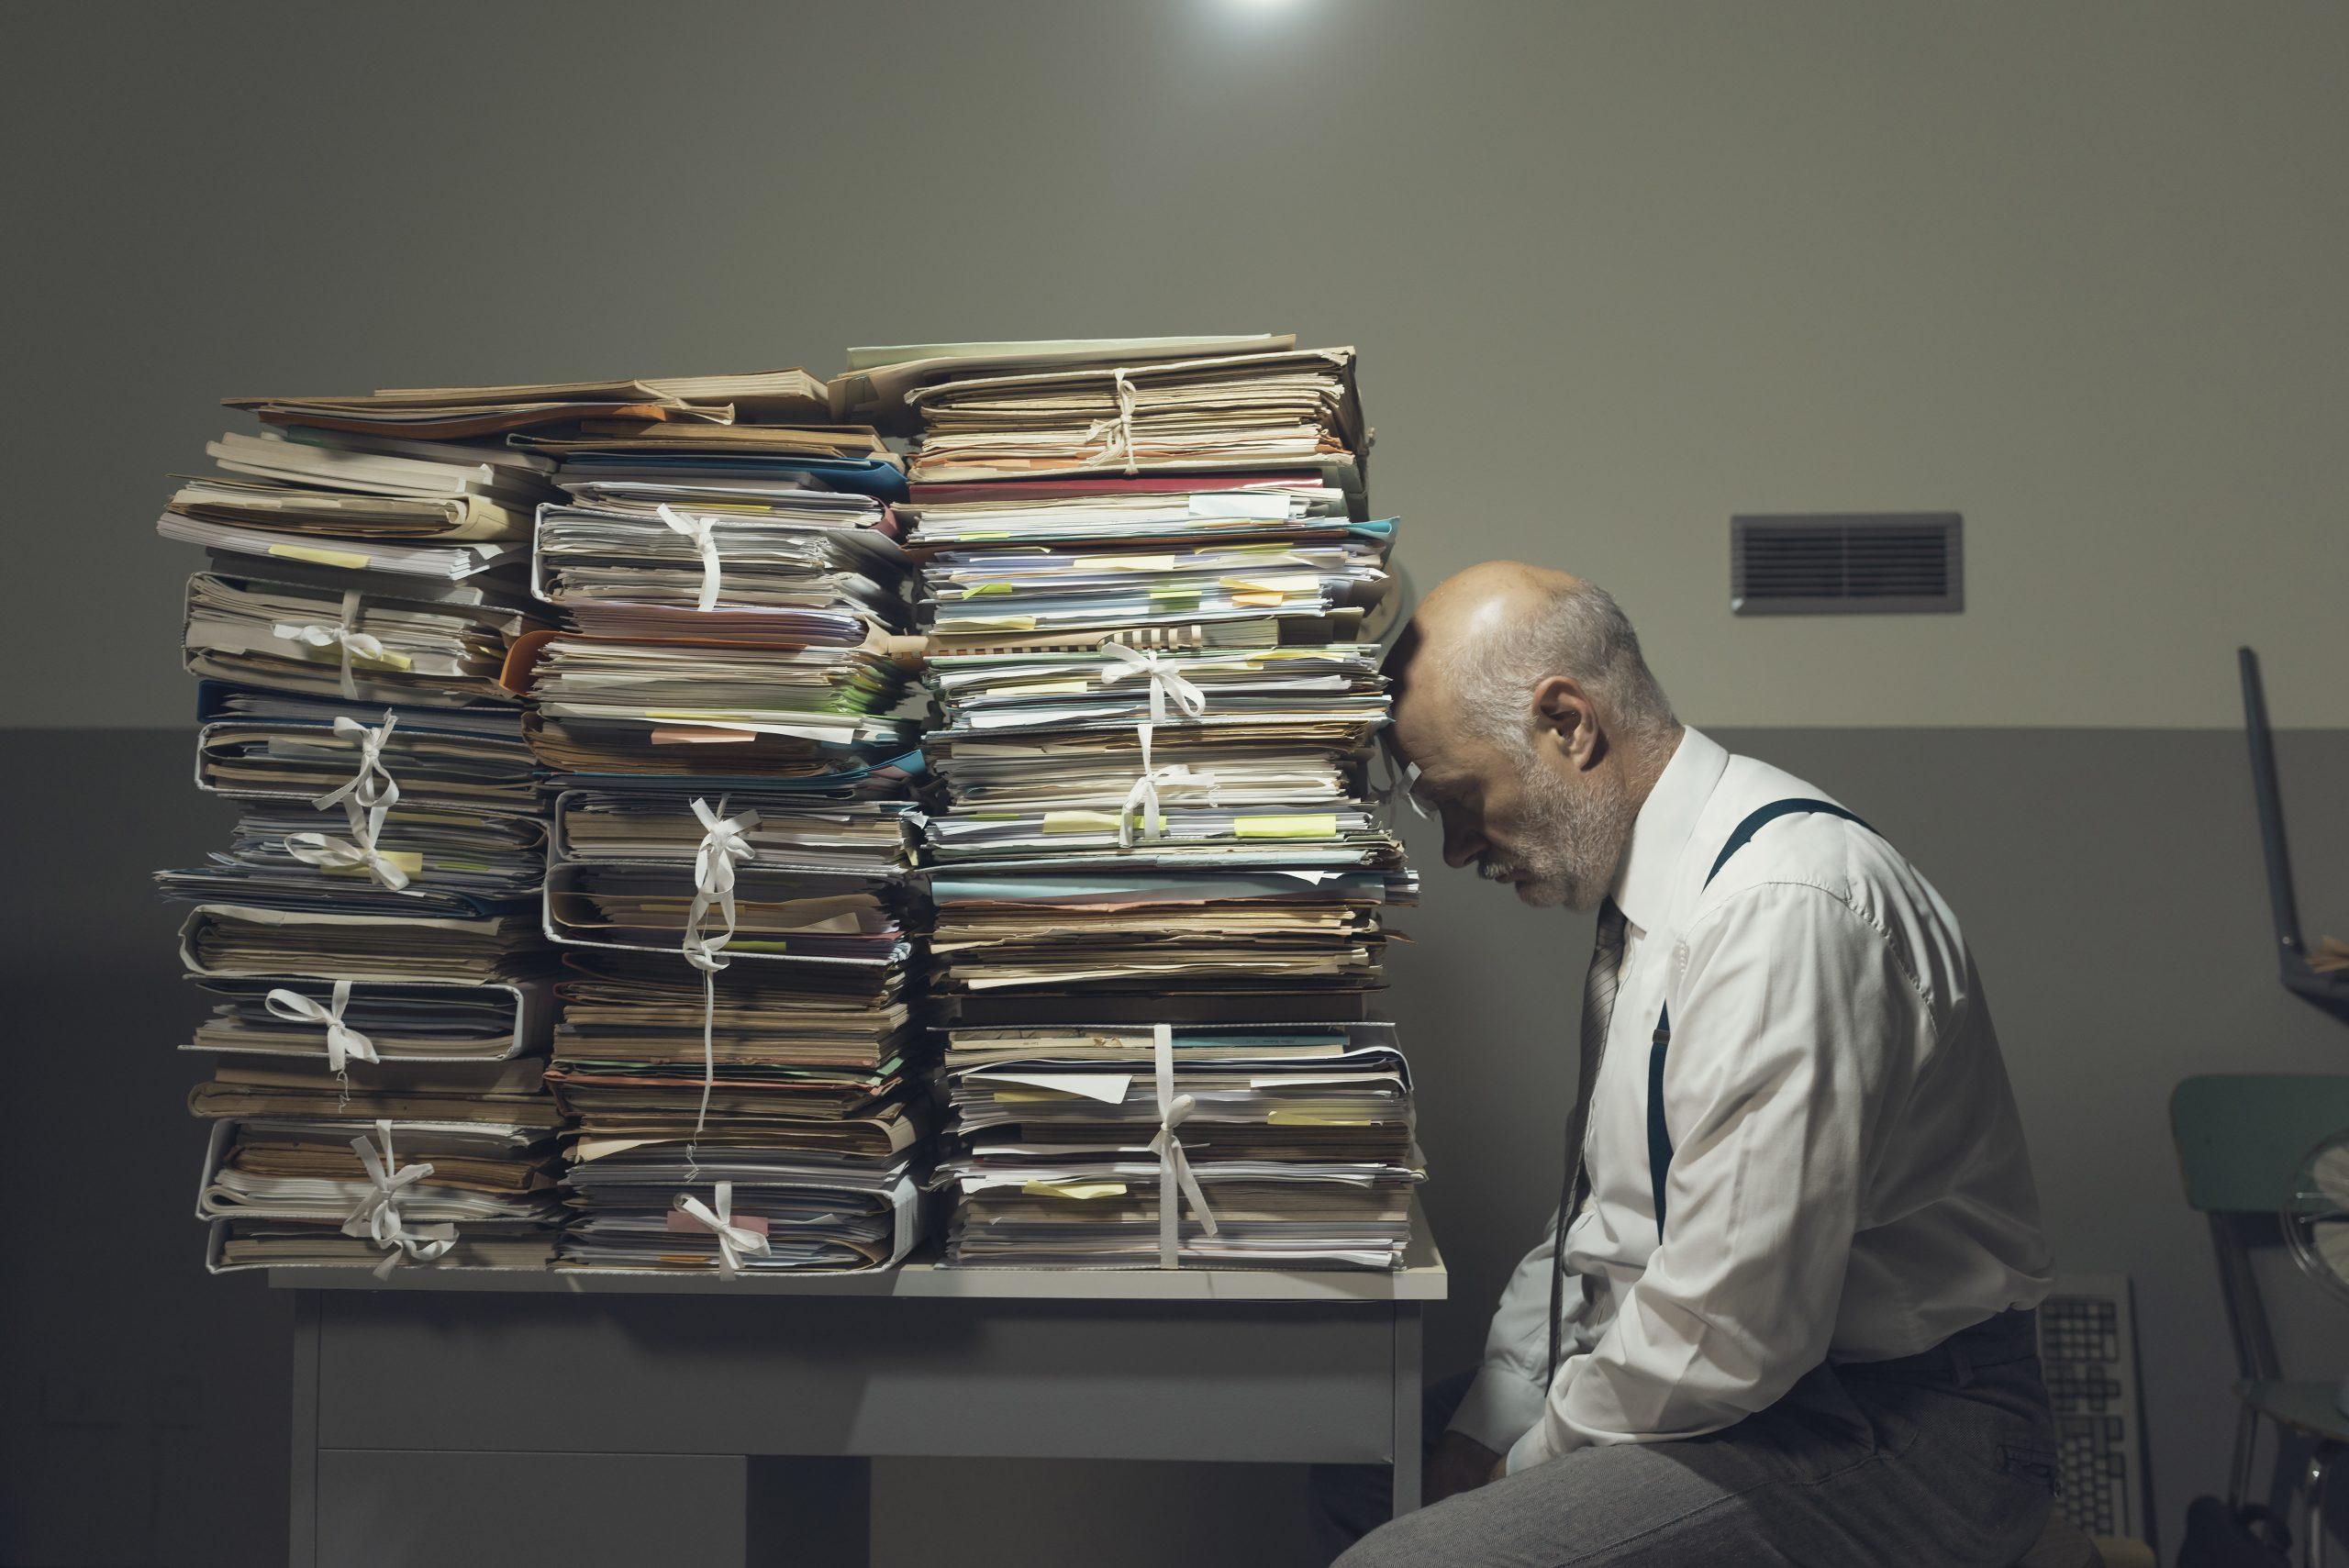 (Bild: ©stokkete/stock.adobe.com)